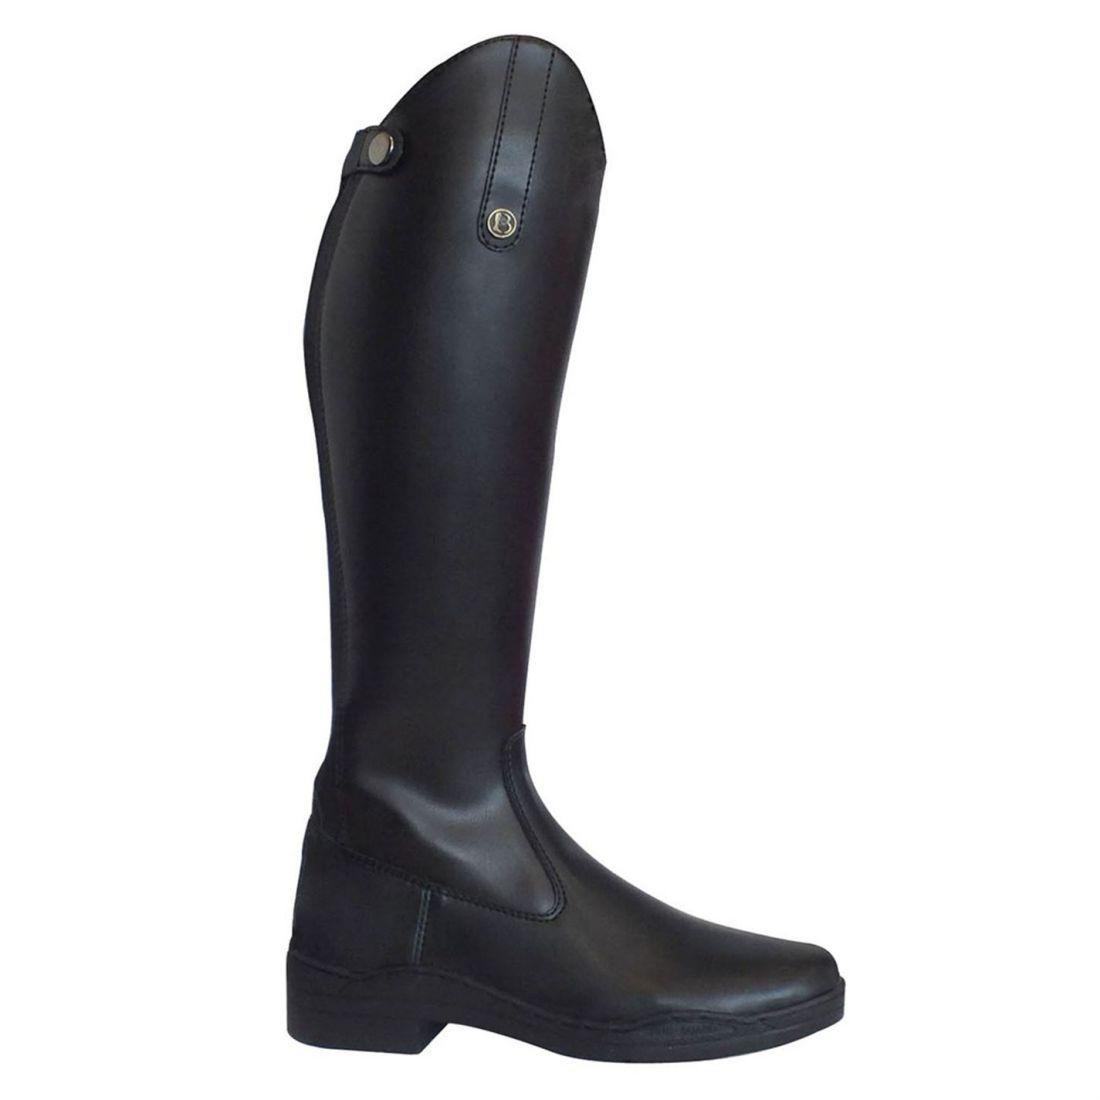 BROGINI Unisex Modena Largo Zapatos botas de montar paneles elásticos cotidianas Ecuestre